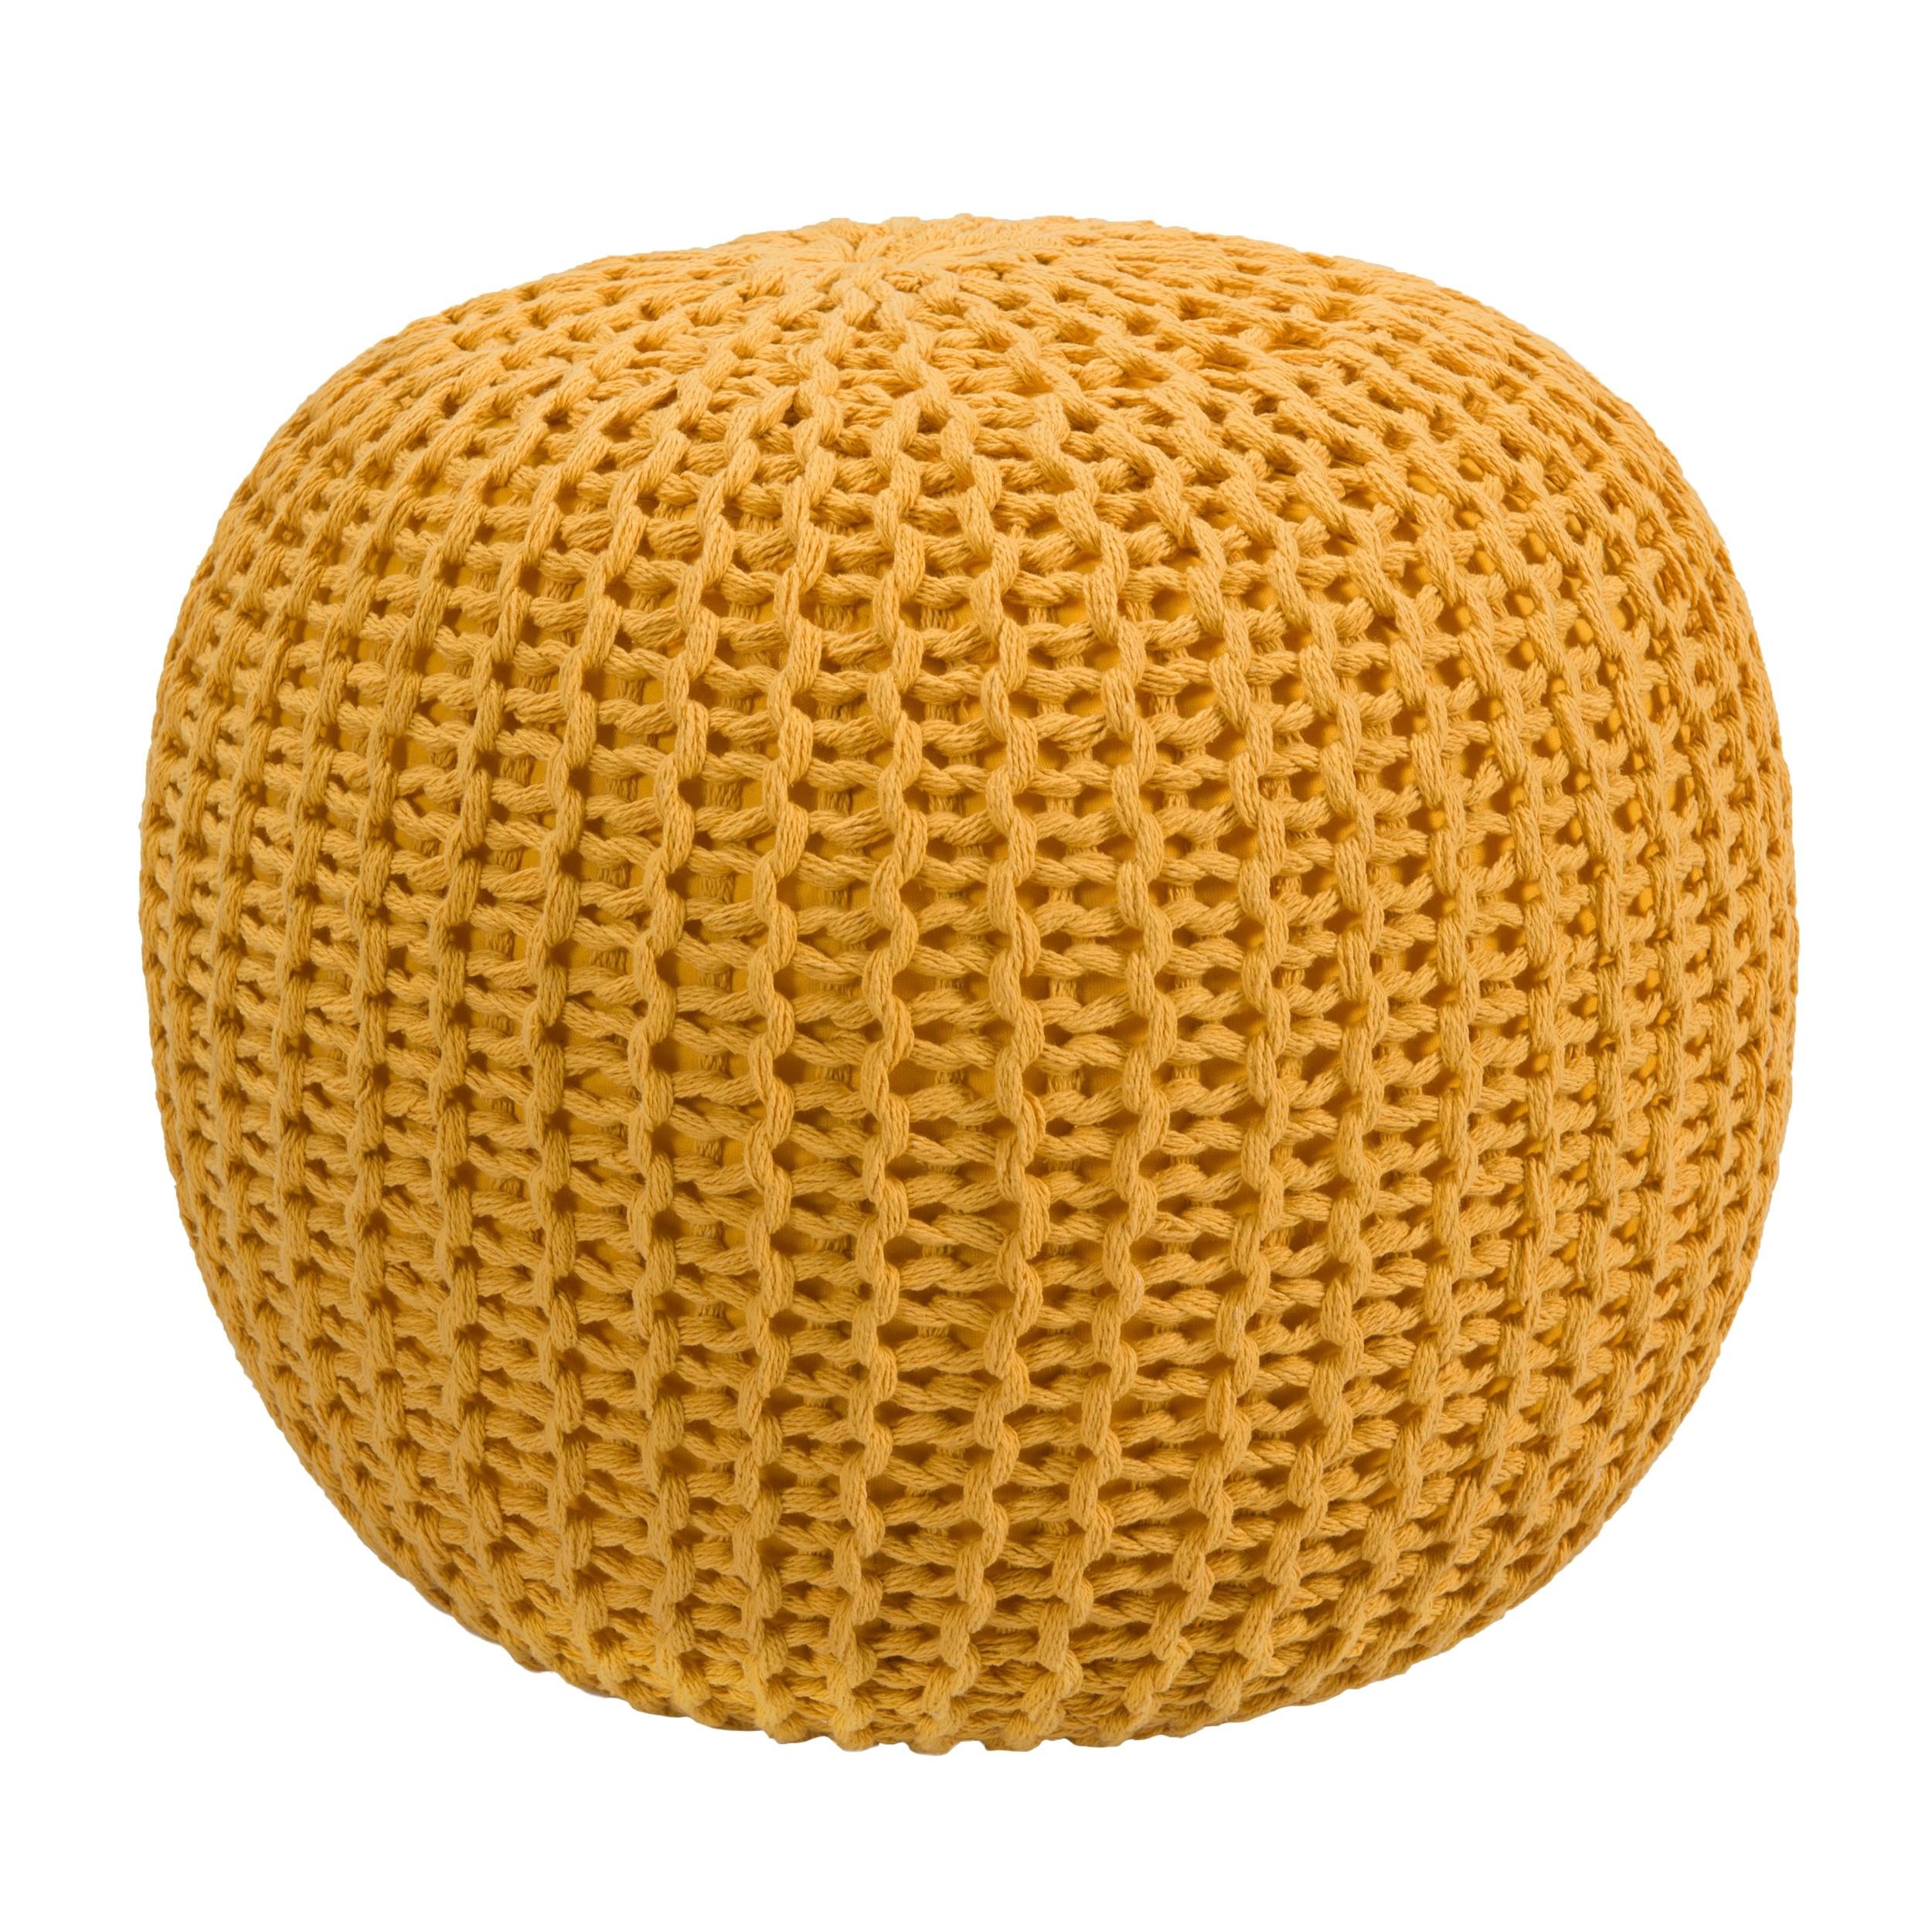 Comment Faire Du Jaune Moutarde pouf tricot jaune moutarde elisa ∅ 40cm